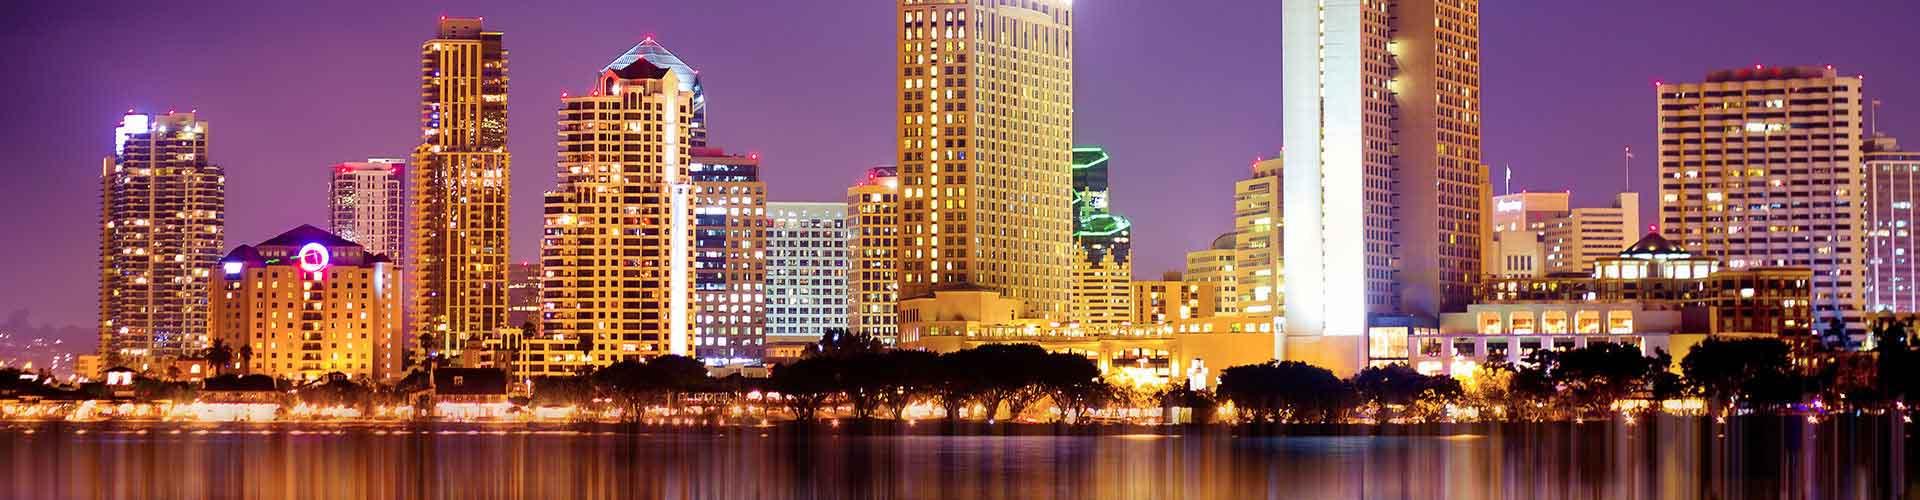 San Diego - Hoteles baratos en el distrito Peninsula. Mapas de San Diego, Fotos y comentarios de cada Hotel barato en San Diego.